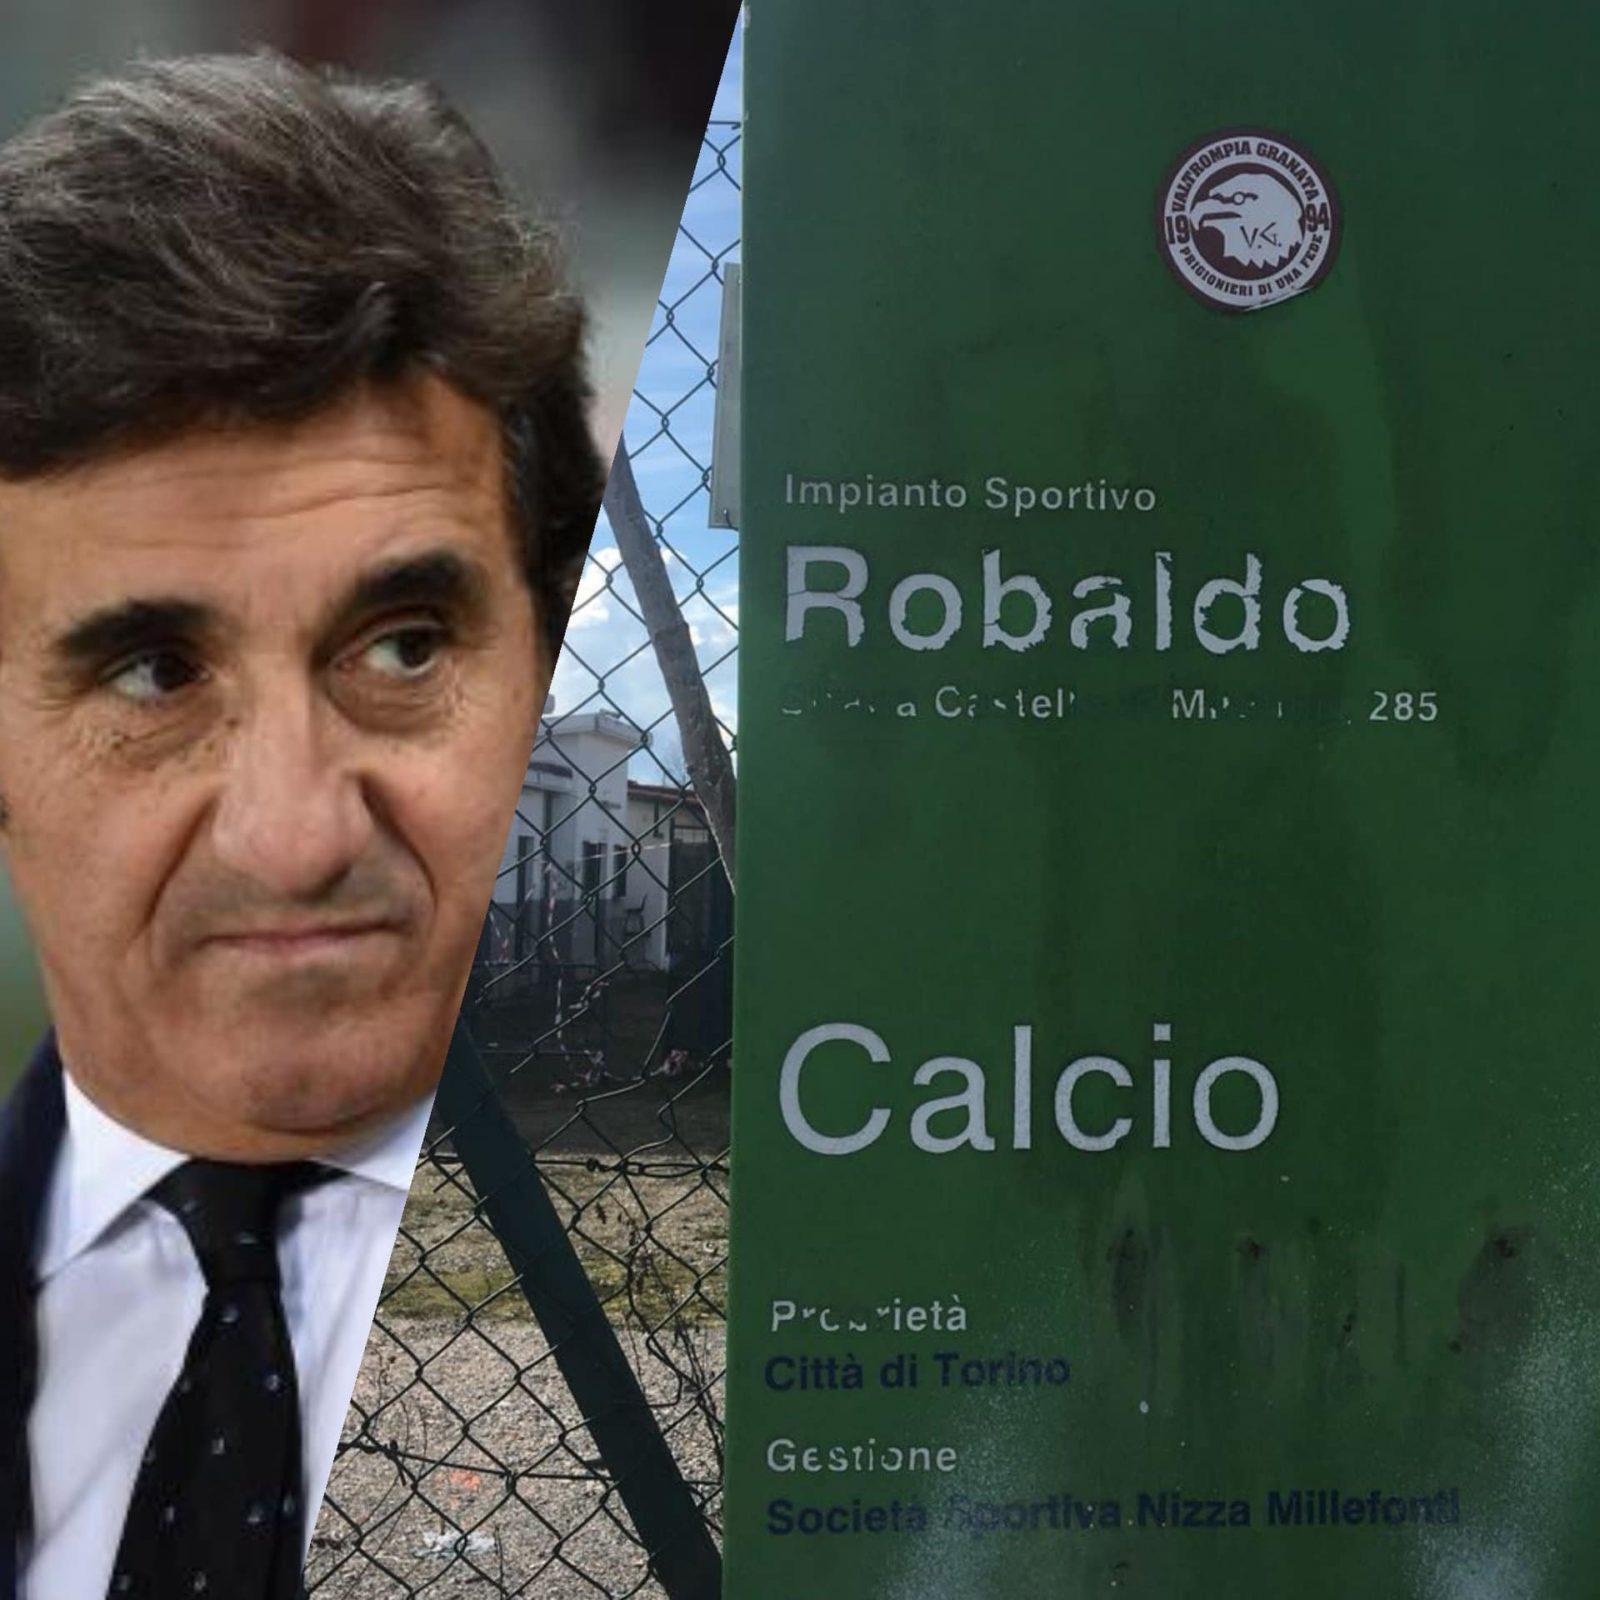 Neanche nel 2020 il Robaldo vedrà la luce